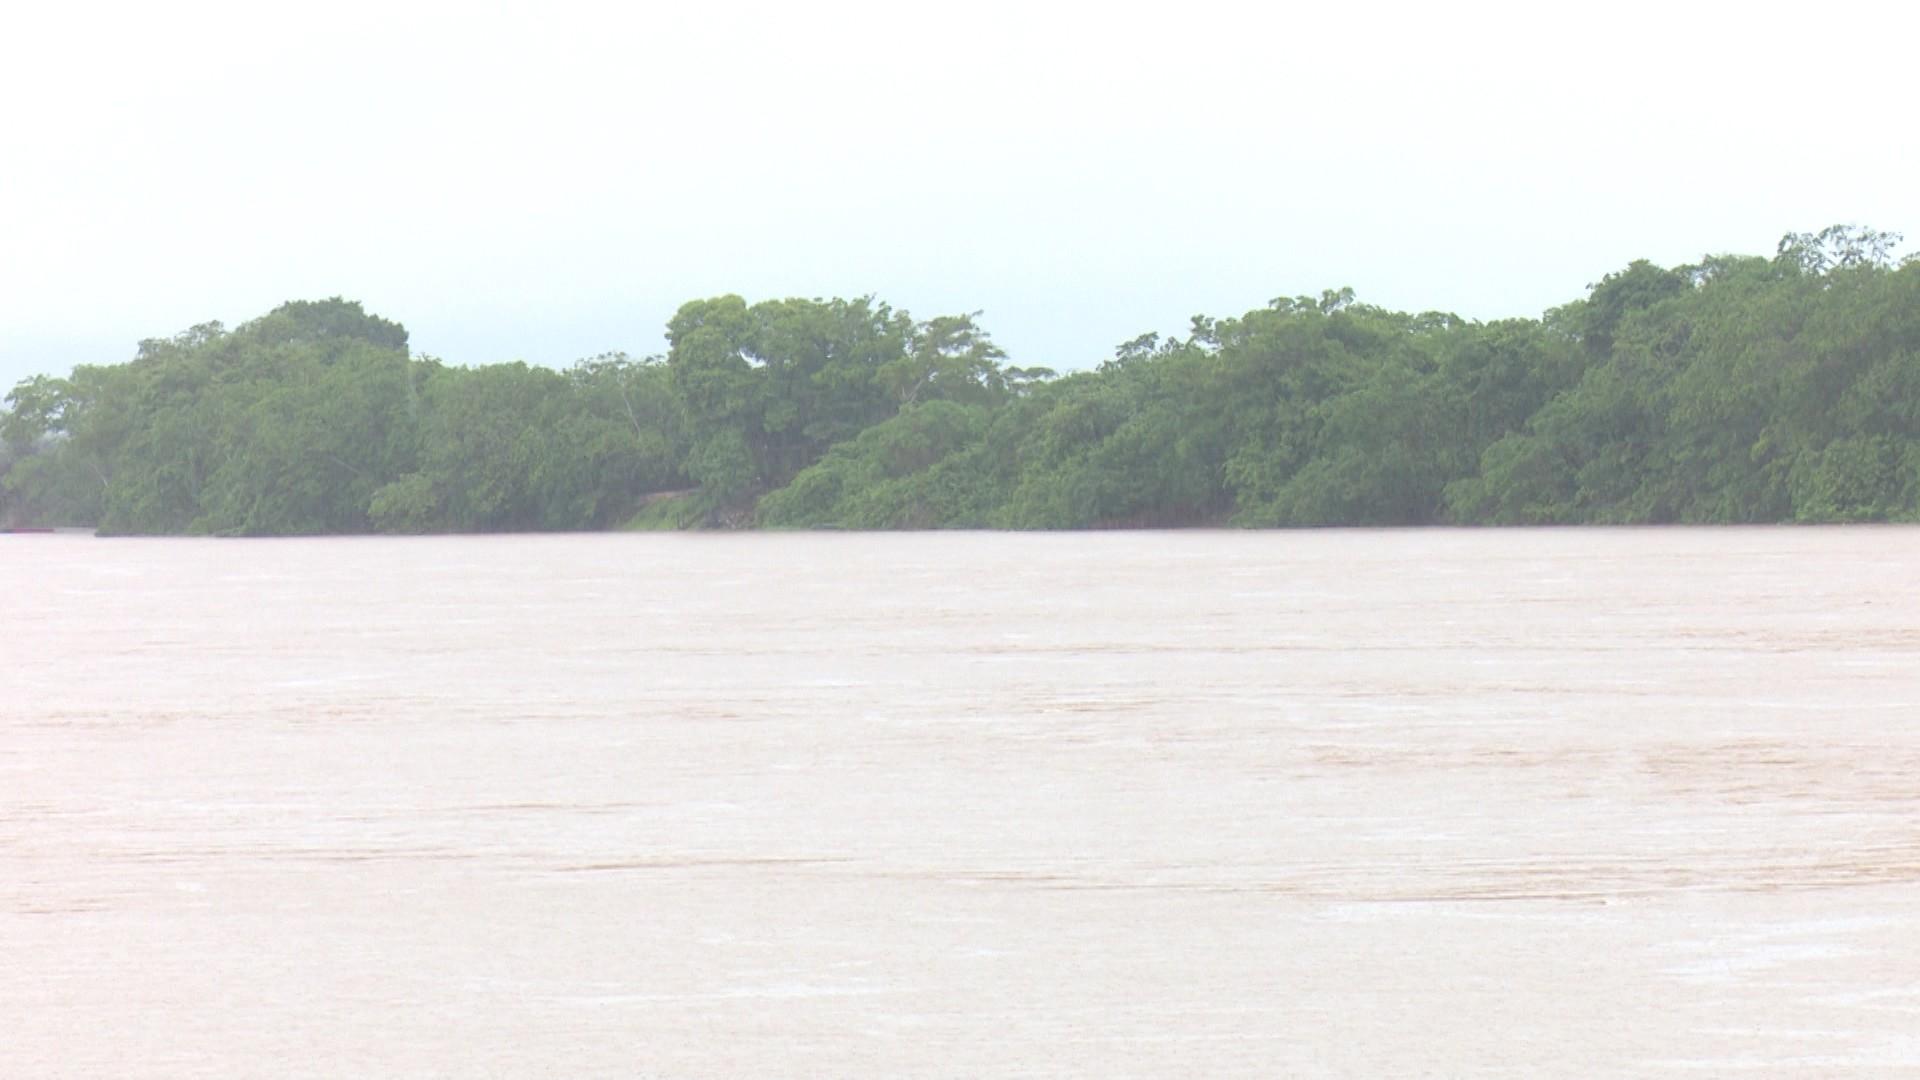 Cheia do Machado atinge 4 bairros de Ji-Paraná, RO; rio segue em cota de alerta